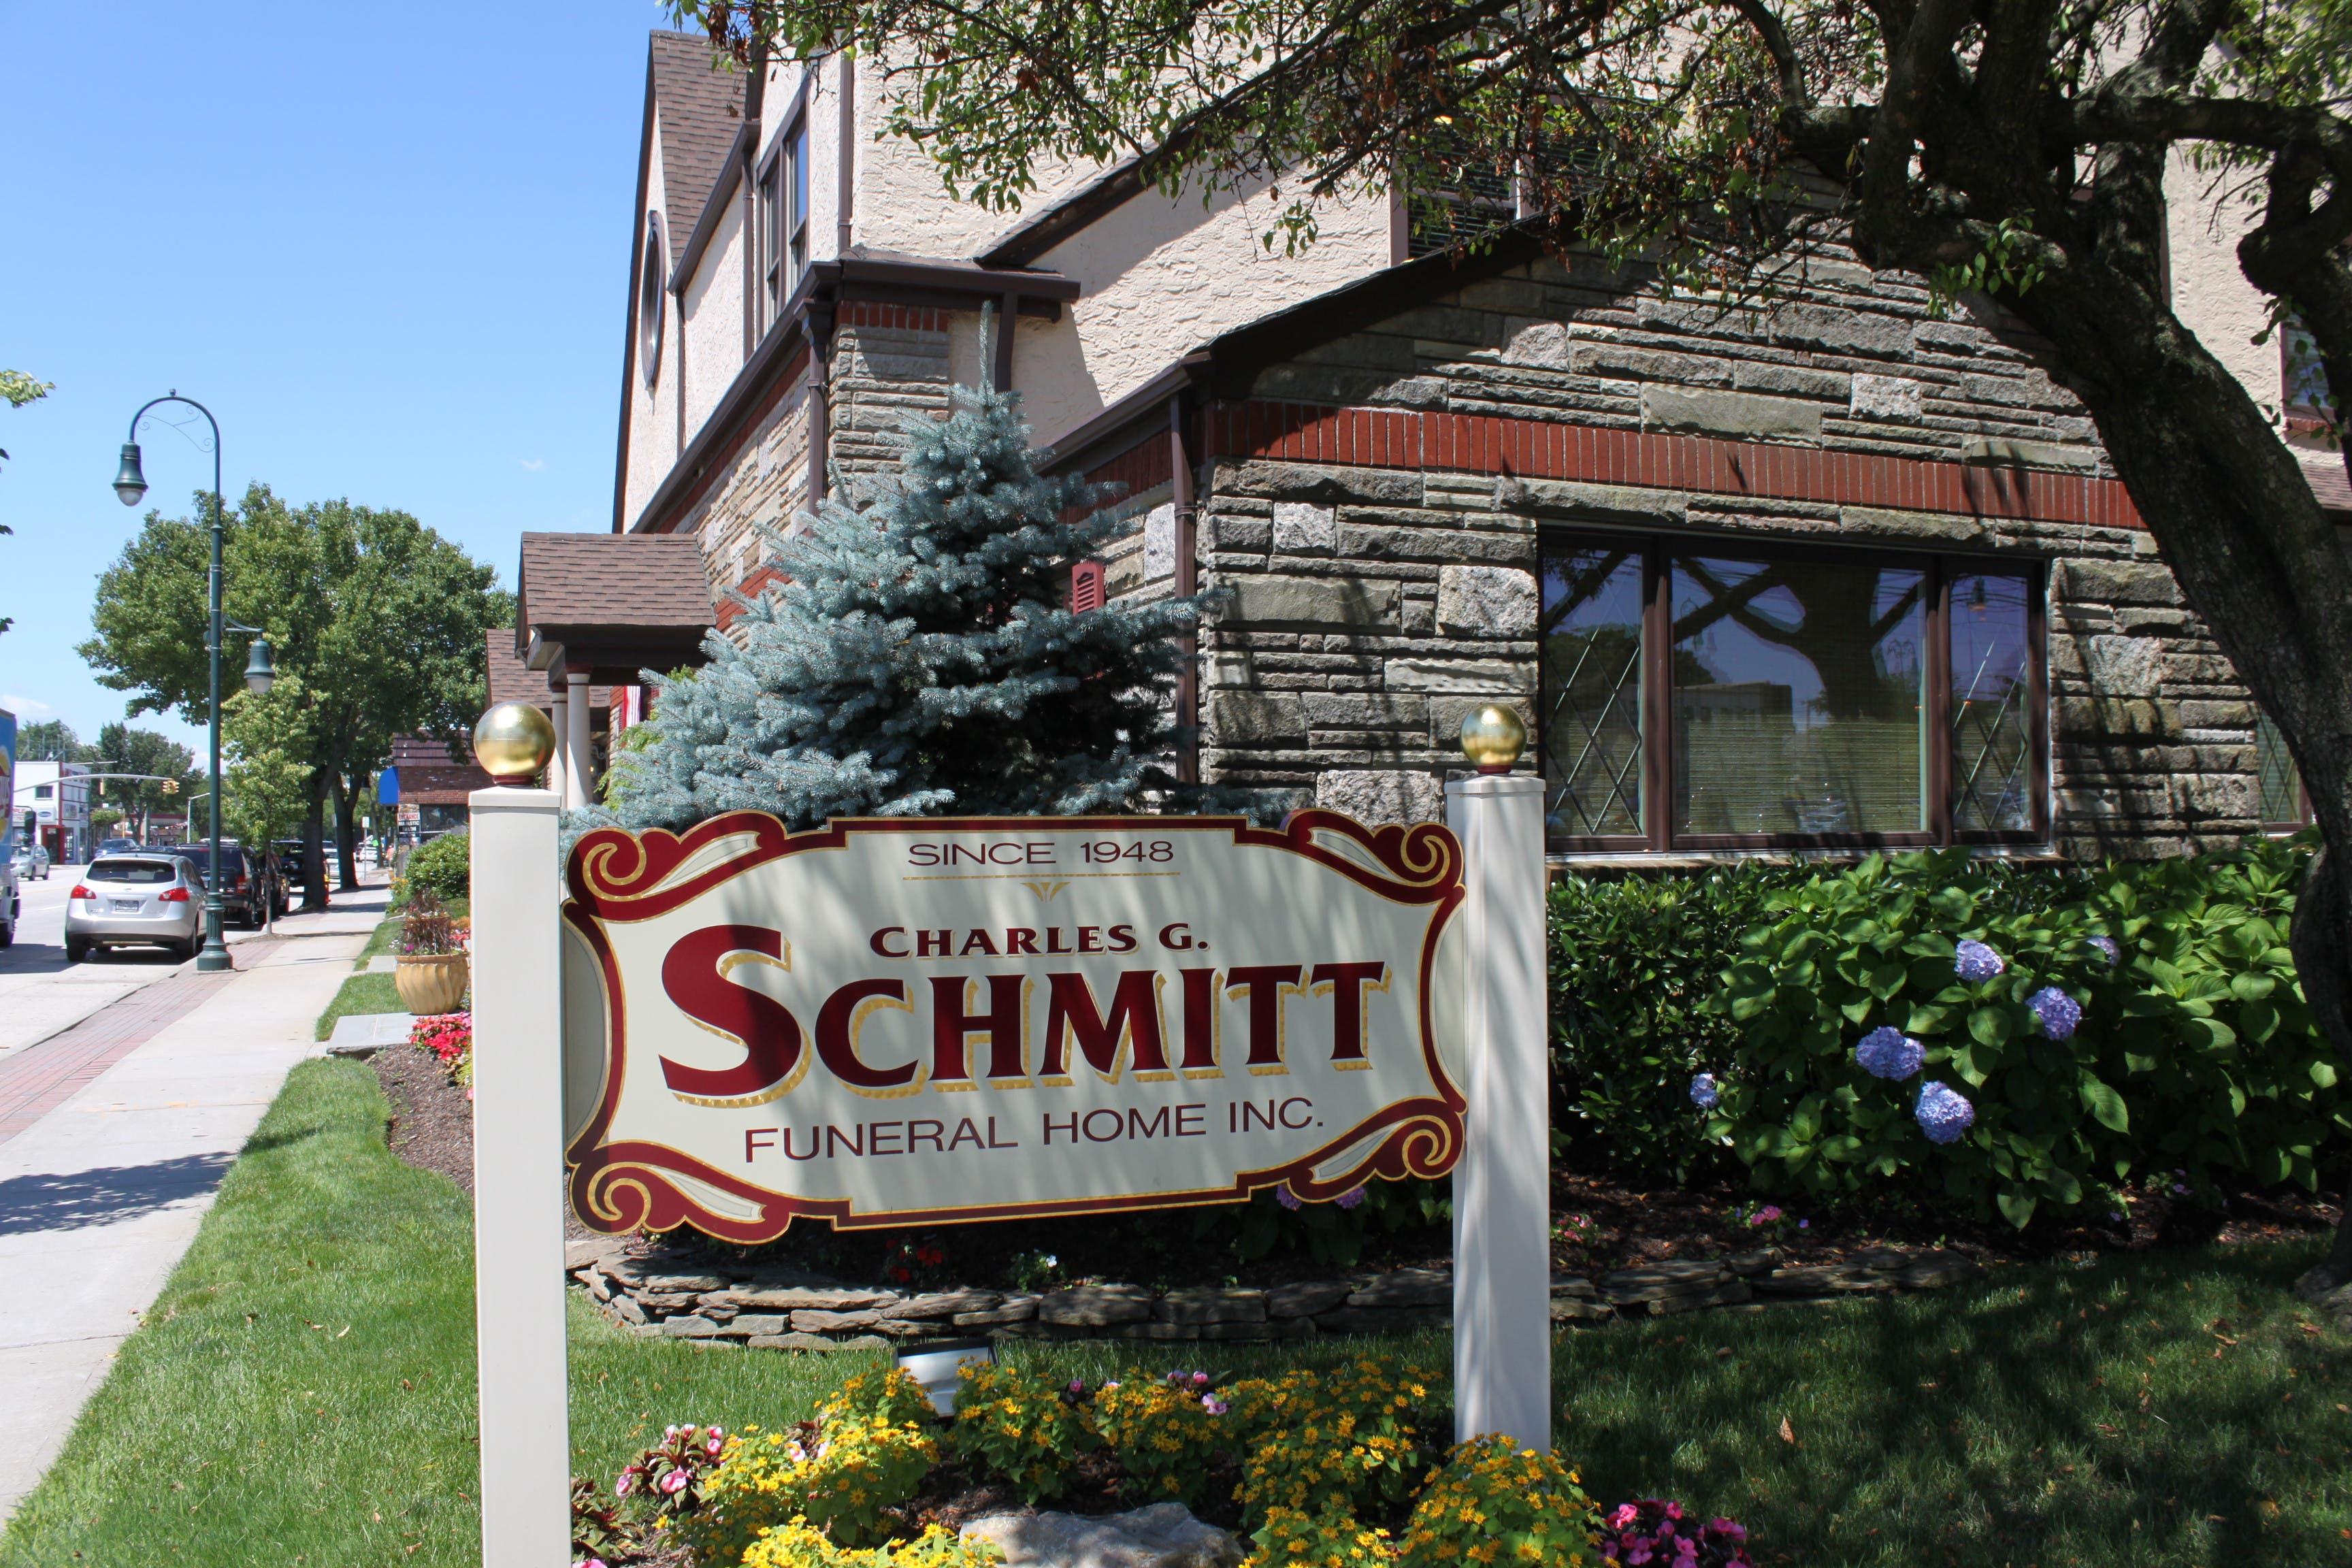 charles g schmitt funeral home